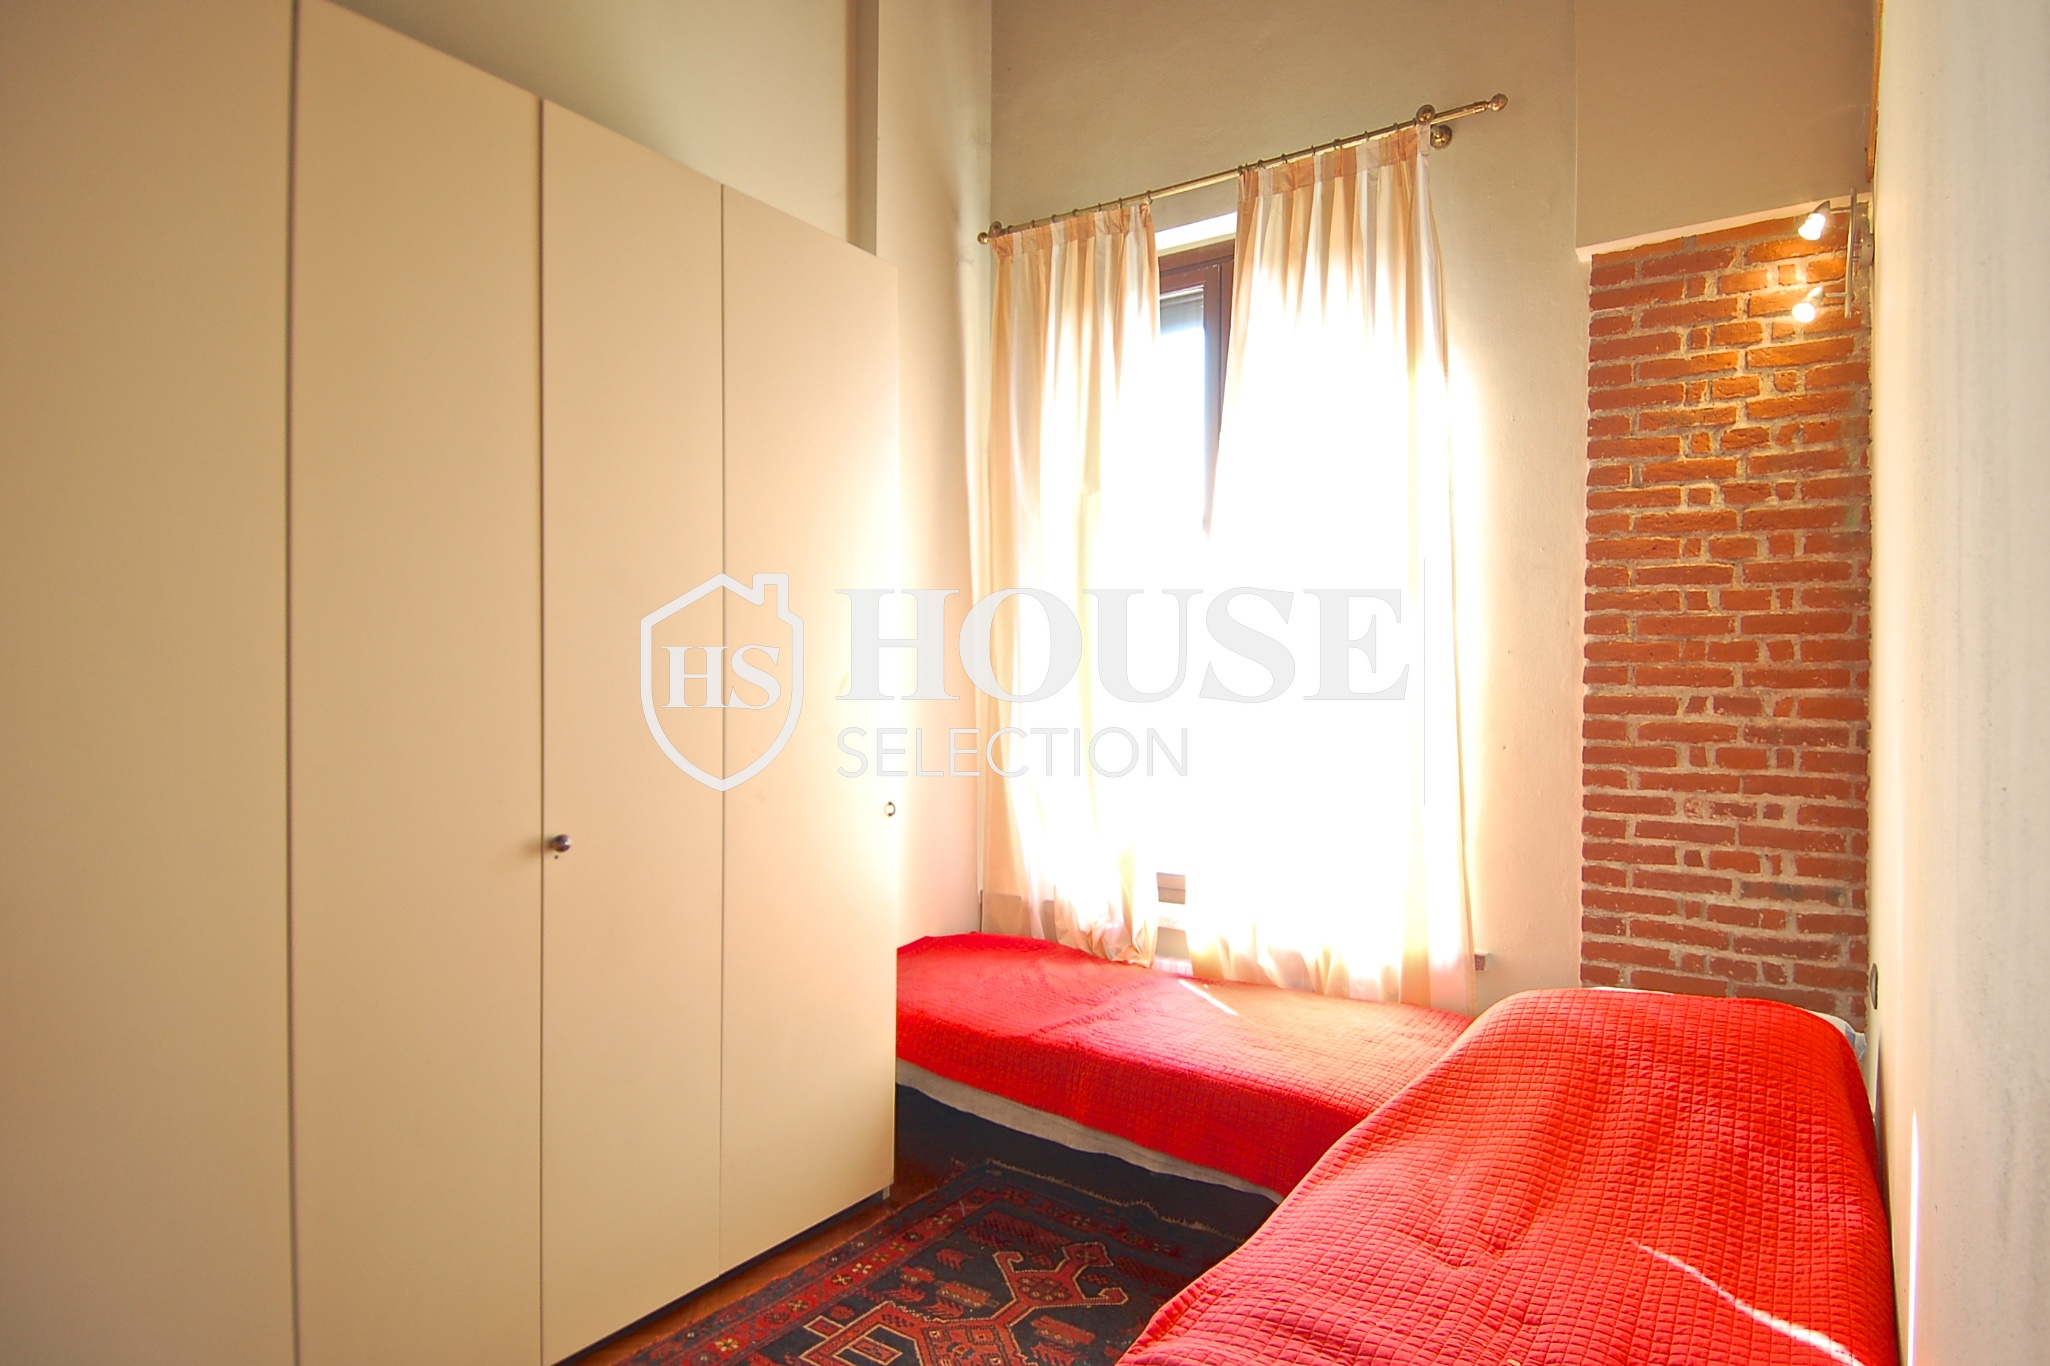 Affitto villa Basiglio, con giardino, ristrutturata, aria condizionata, corte interna, box auto, Milano 5